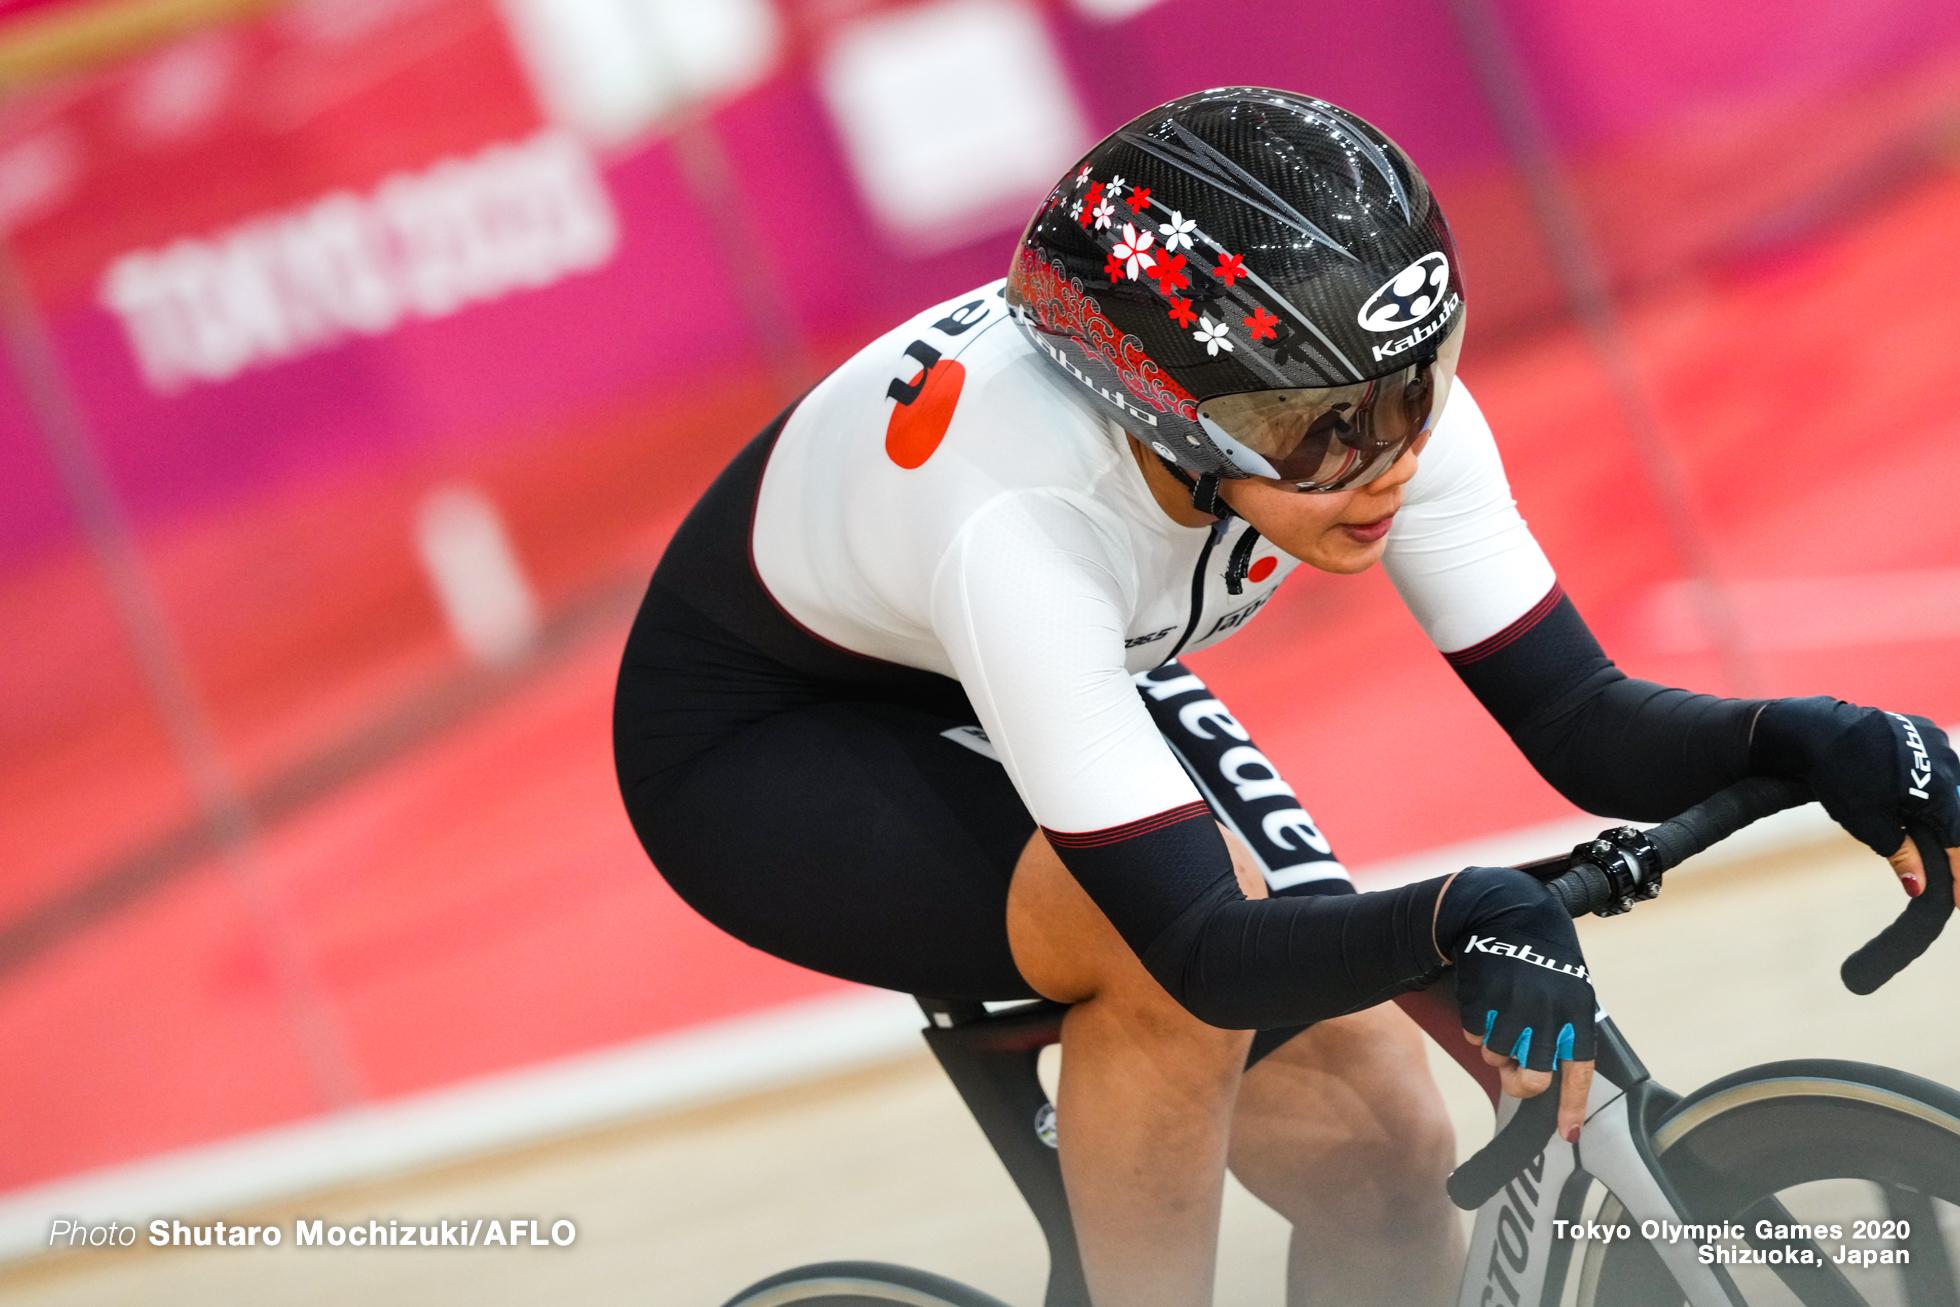 中村妃智/Kisato Nakamura (JPN),AUGUST 2, 2021 - Cycling : during the Tokyo 2020 Olympic Games at the Izu Velodrome in Shizuoka, Japan. (Photo by Shutaro Mochizuki/AFLO)